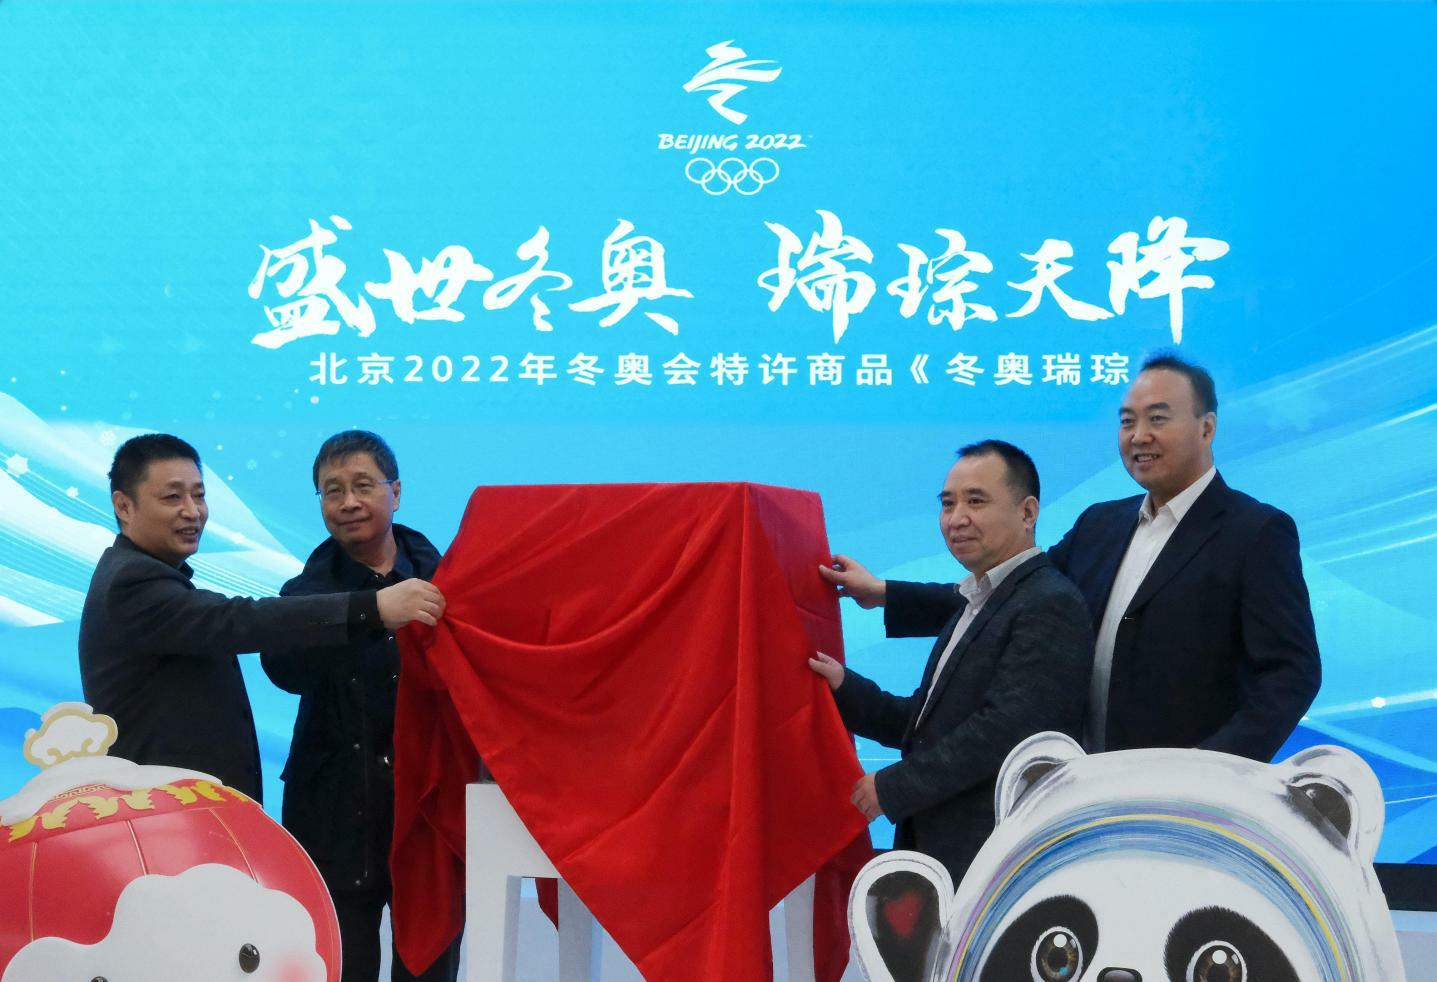 北京2022年冬奥会特许商品《冬奥瑞琮》在京面世